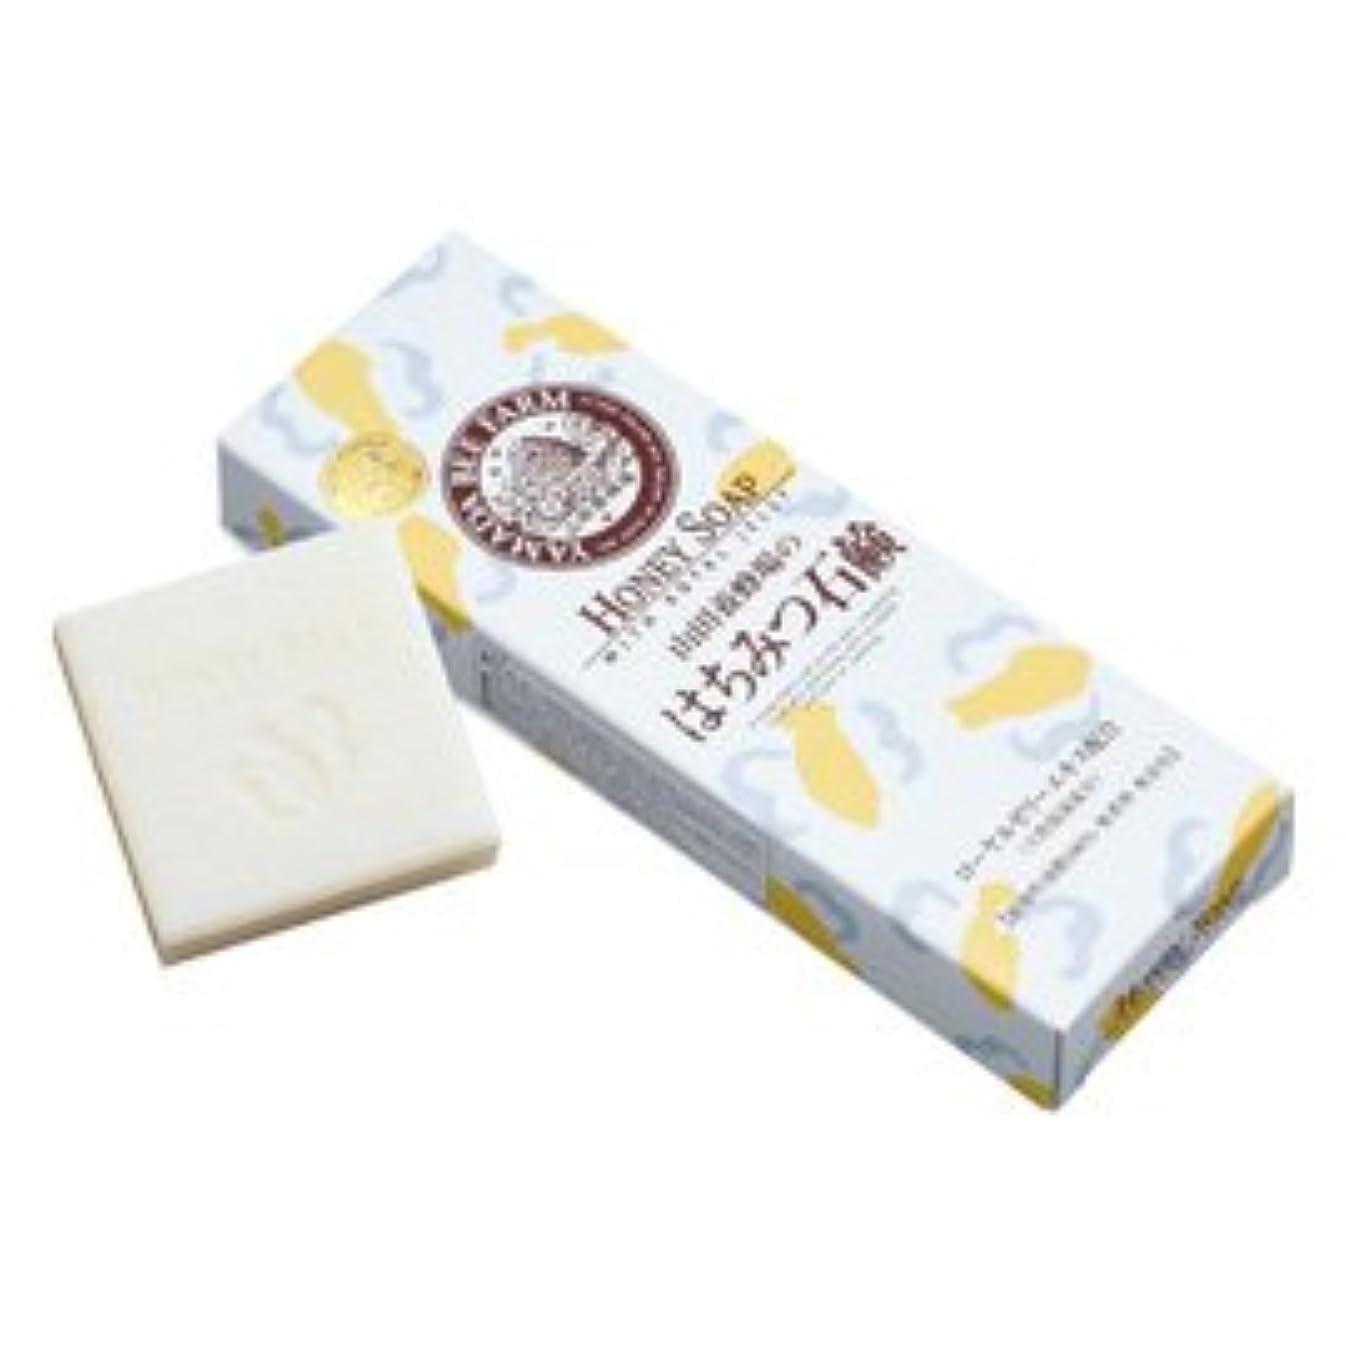 ましい高齢者キリマンジャロはちみつ石鹸 60g×3個入/Honey Soap